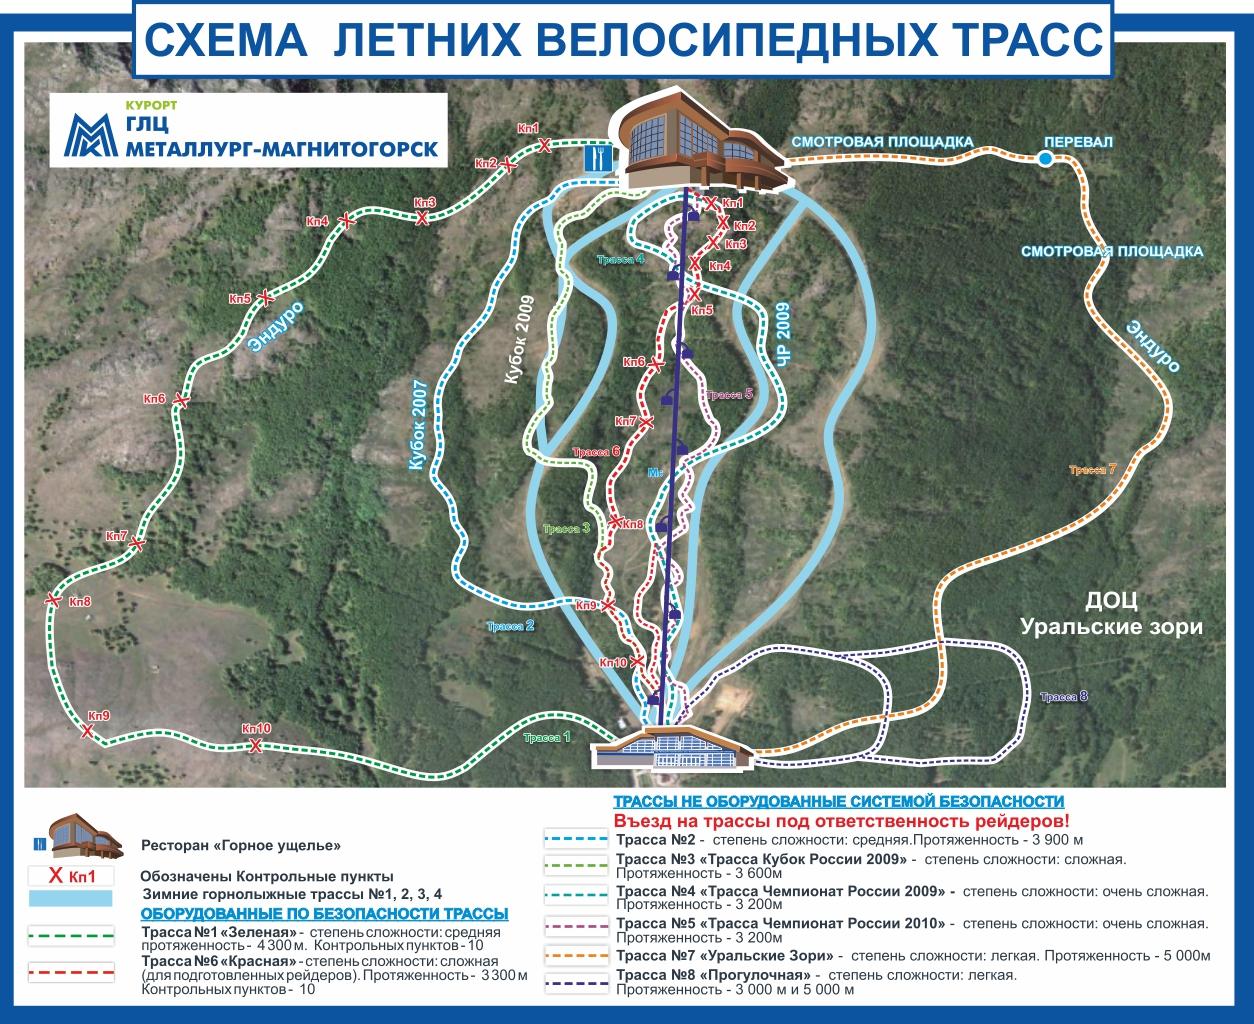 Схема летних велосипедных трасс на ГЛЦ Металлург-Магнитогорск